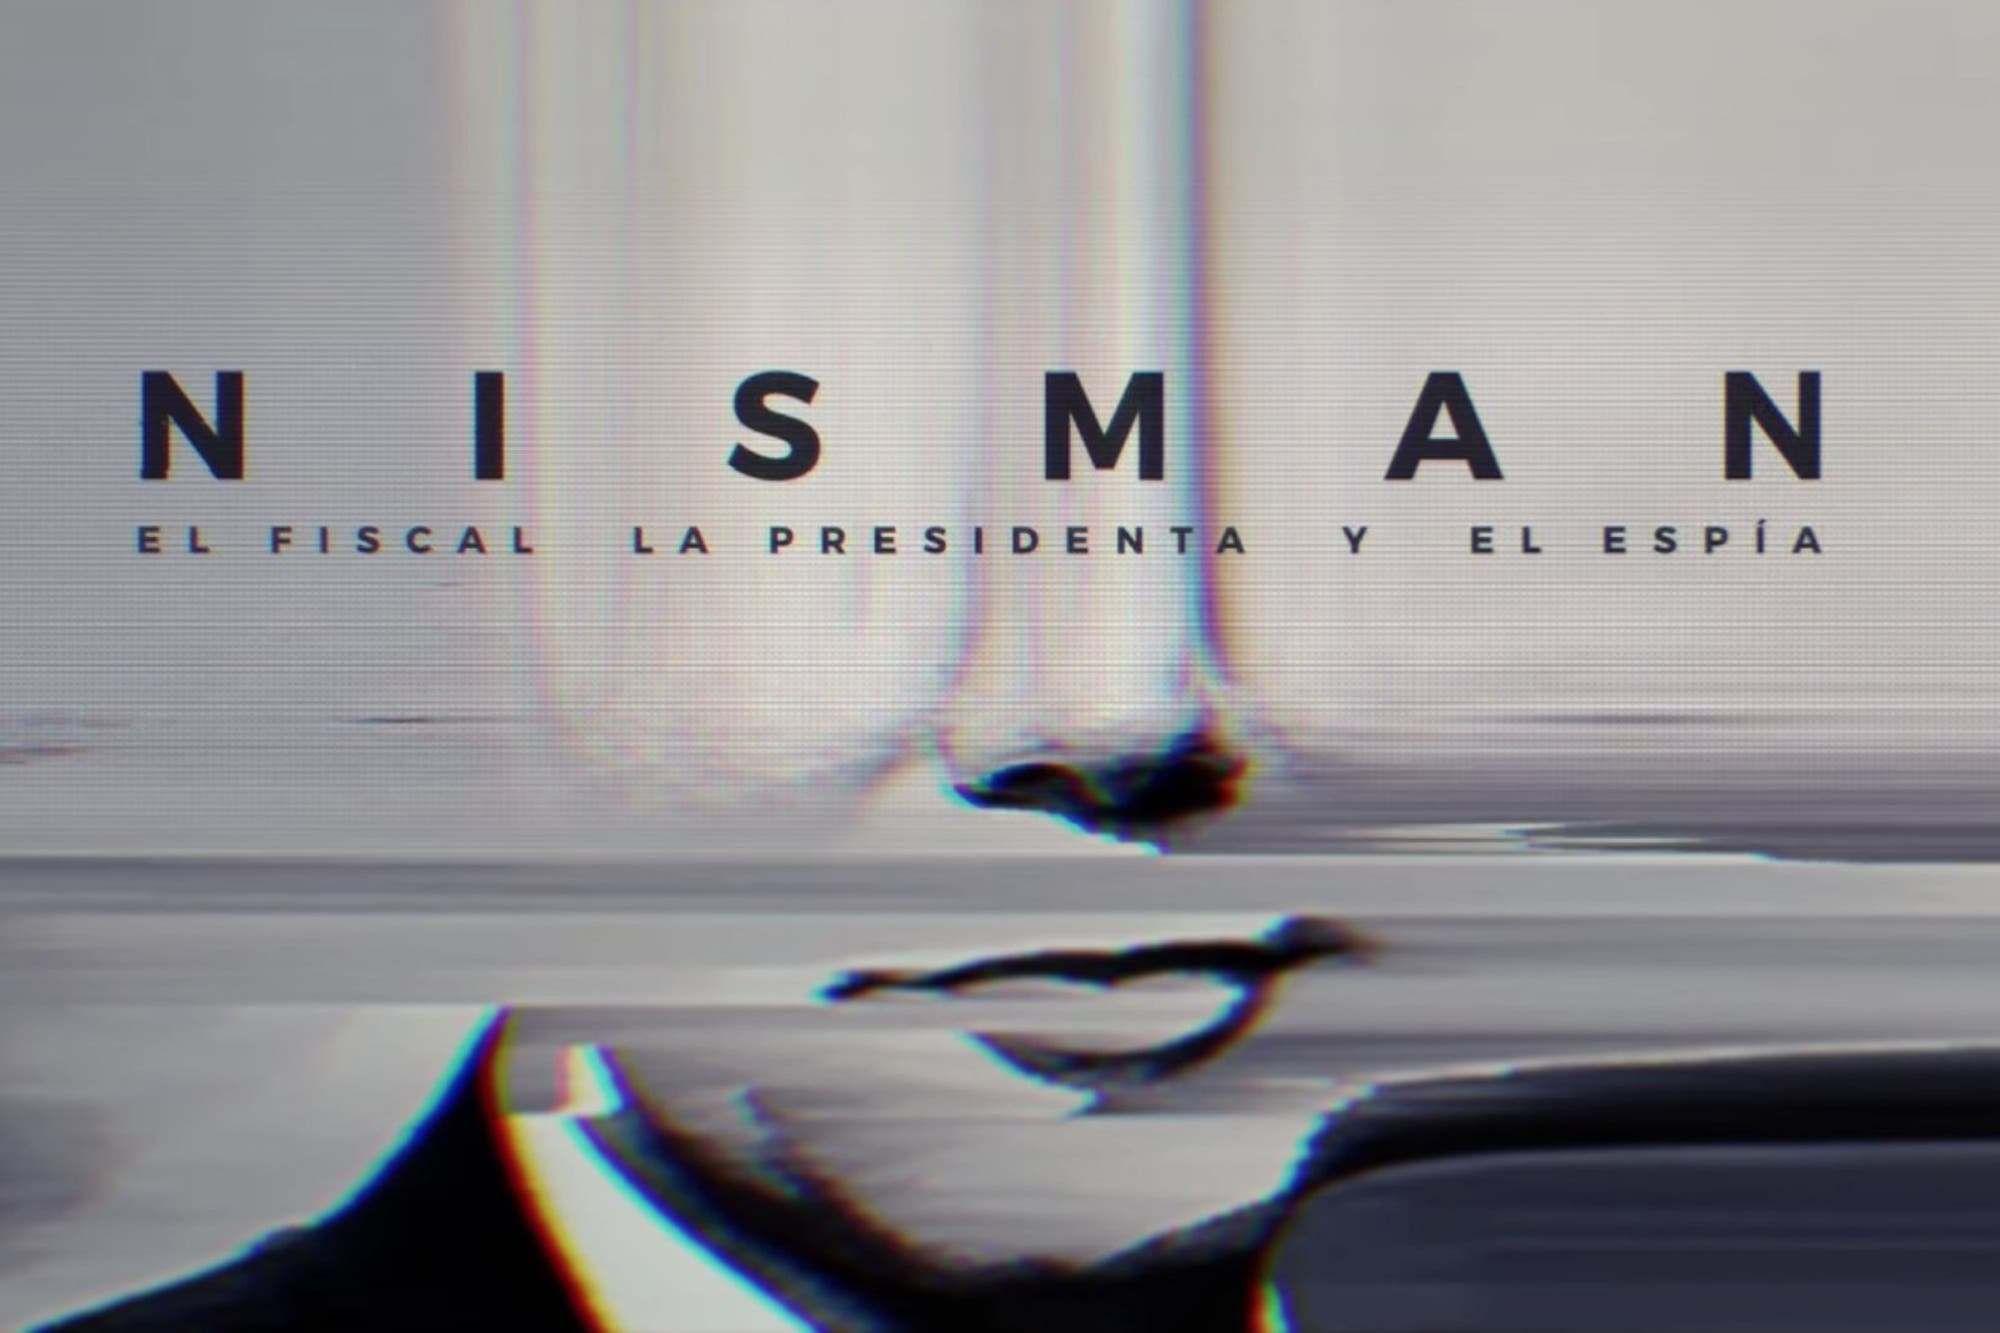 """Todo sobre el último estreno impactante de Netflix: """"Nisman. El fiscal, la presidenta y el espía"""""""